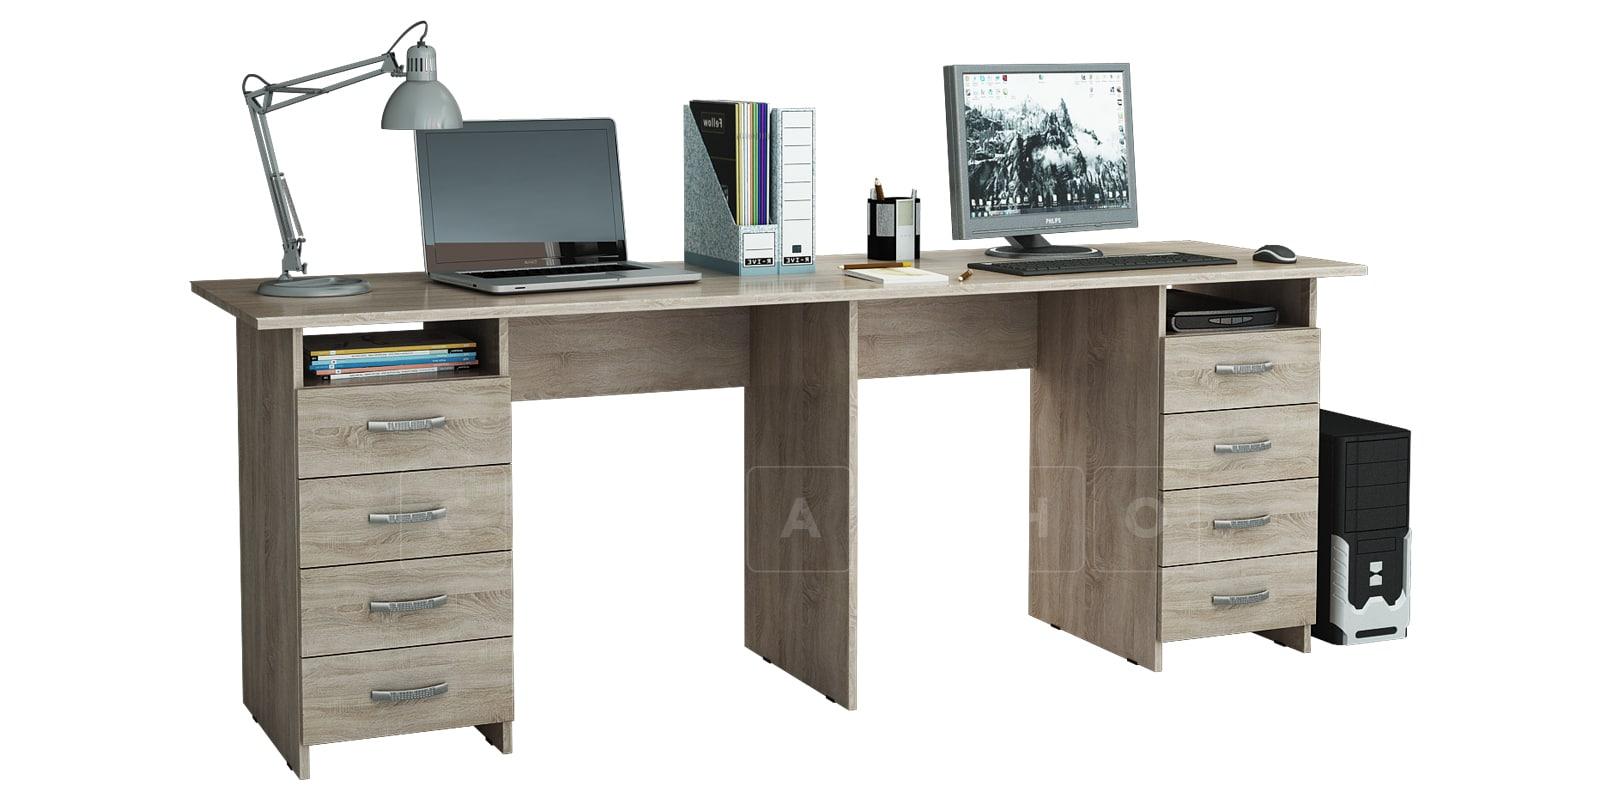 Офисный стол Кейптаун с двумя тумбами фото 4   интернет-магазин Складно